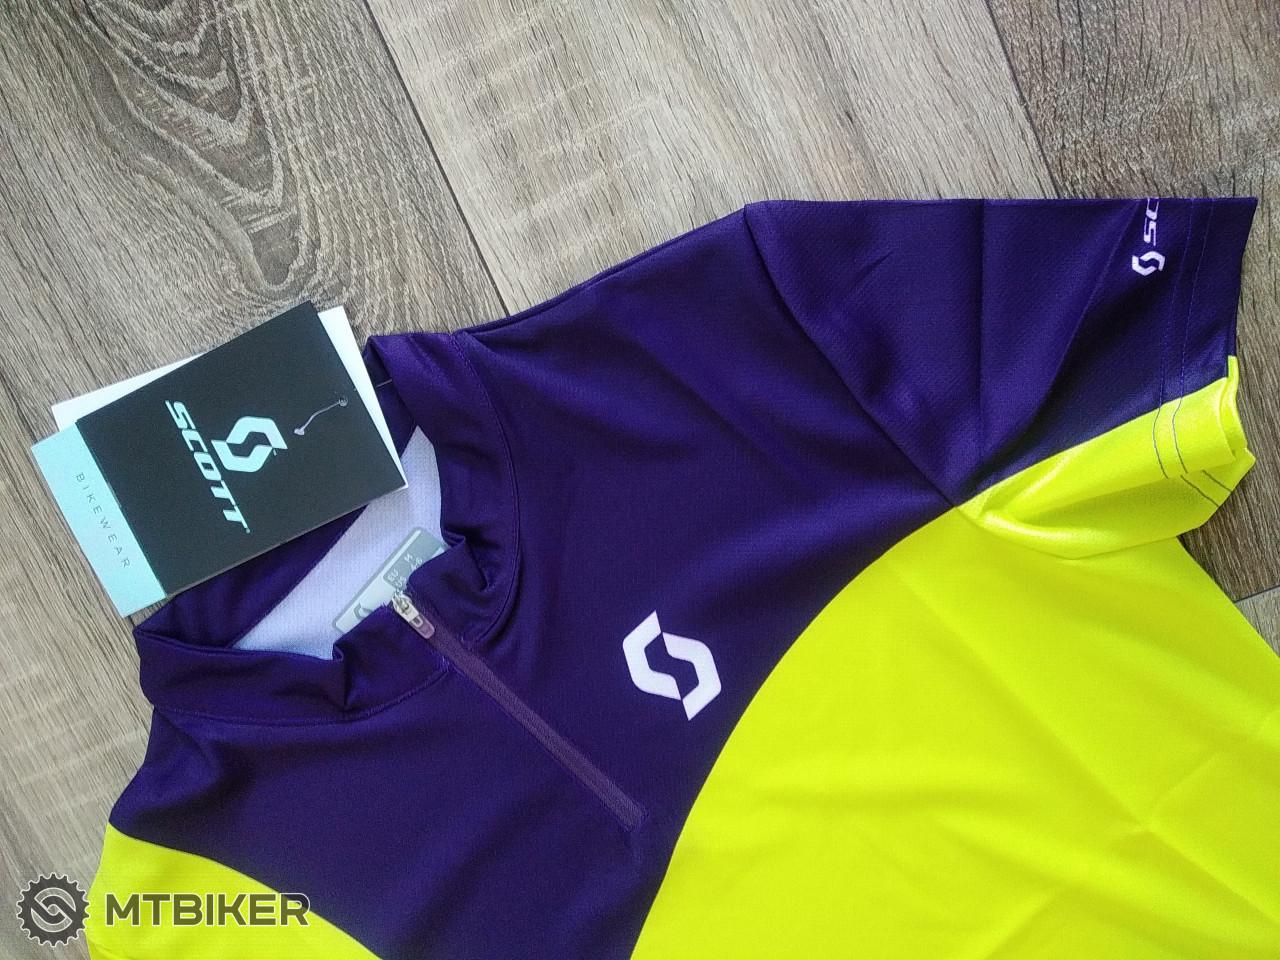 5f33045f3 Scott Trail Dresy Damske, M - Príslušenstvo - Oblečenie a batohy - Bazár  MTBIKER